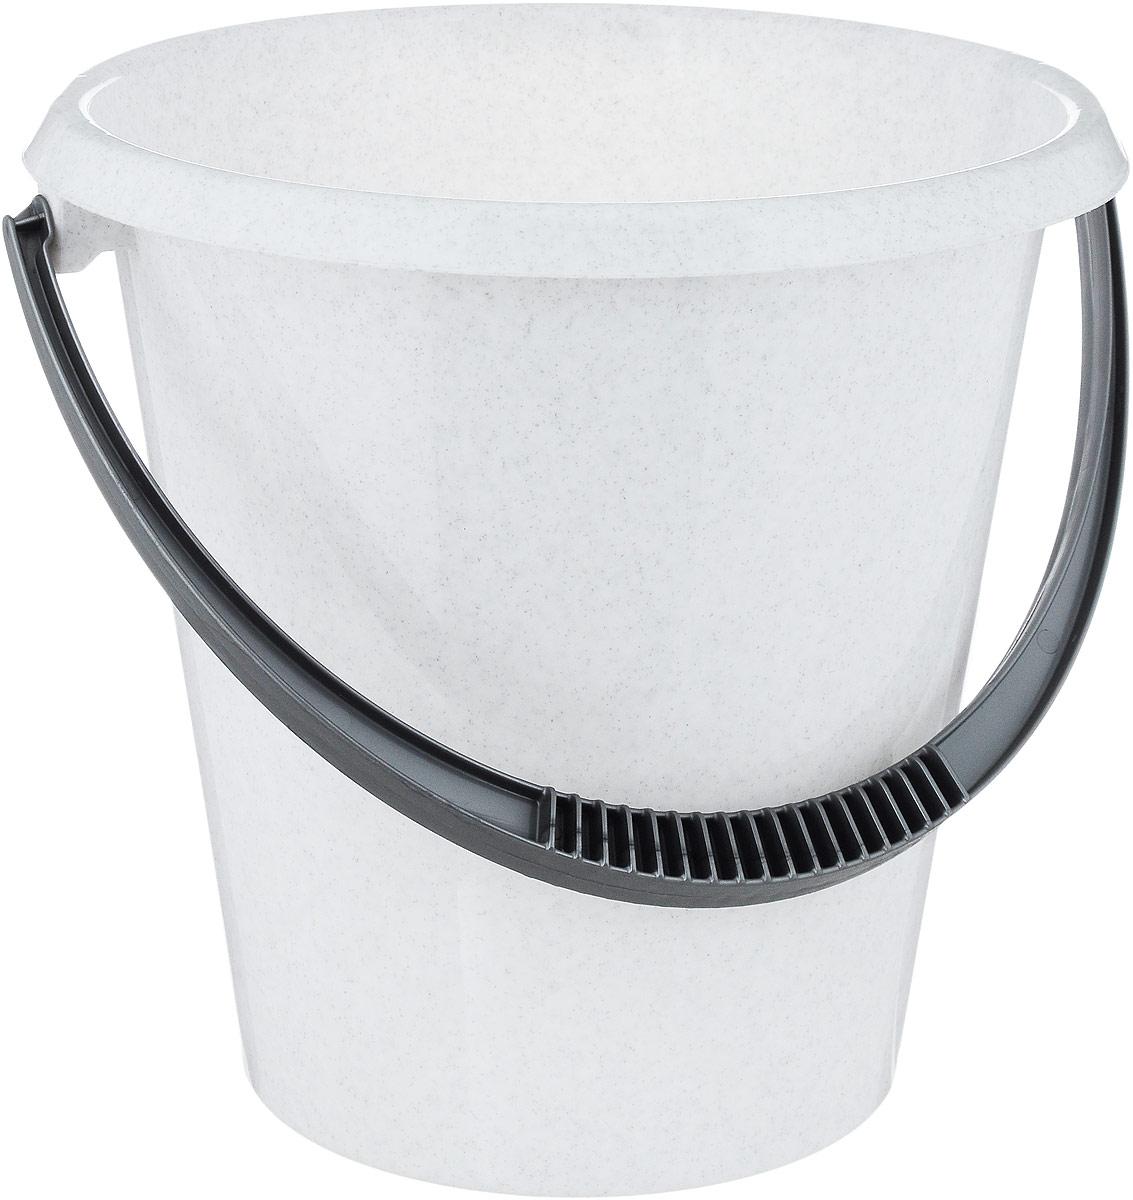 Ведро хозяйственное Idea, цвет: мраморный, 7 лМ 2407Ведро Idea изготовлено из высококачественного прочного пластика. Оно легче железного и не подвержено коррозии. Ведро оснащено удобной пластиковой ручкой. Такое ведро станет незаменимым помощником в хозяйстве.Диаметр (по-верхнему краю): 25,5 см.Высота: 25,5 см.